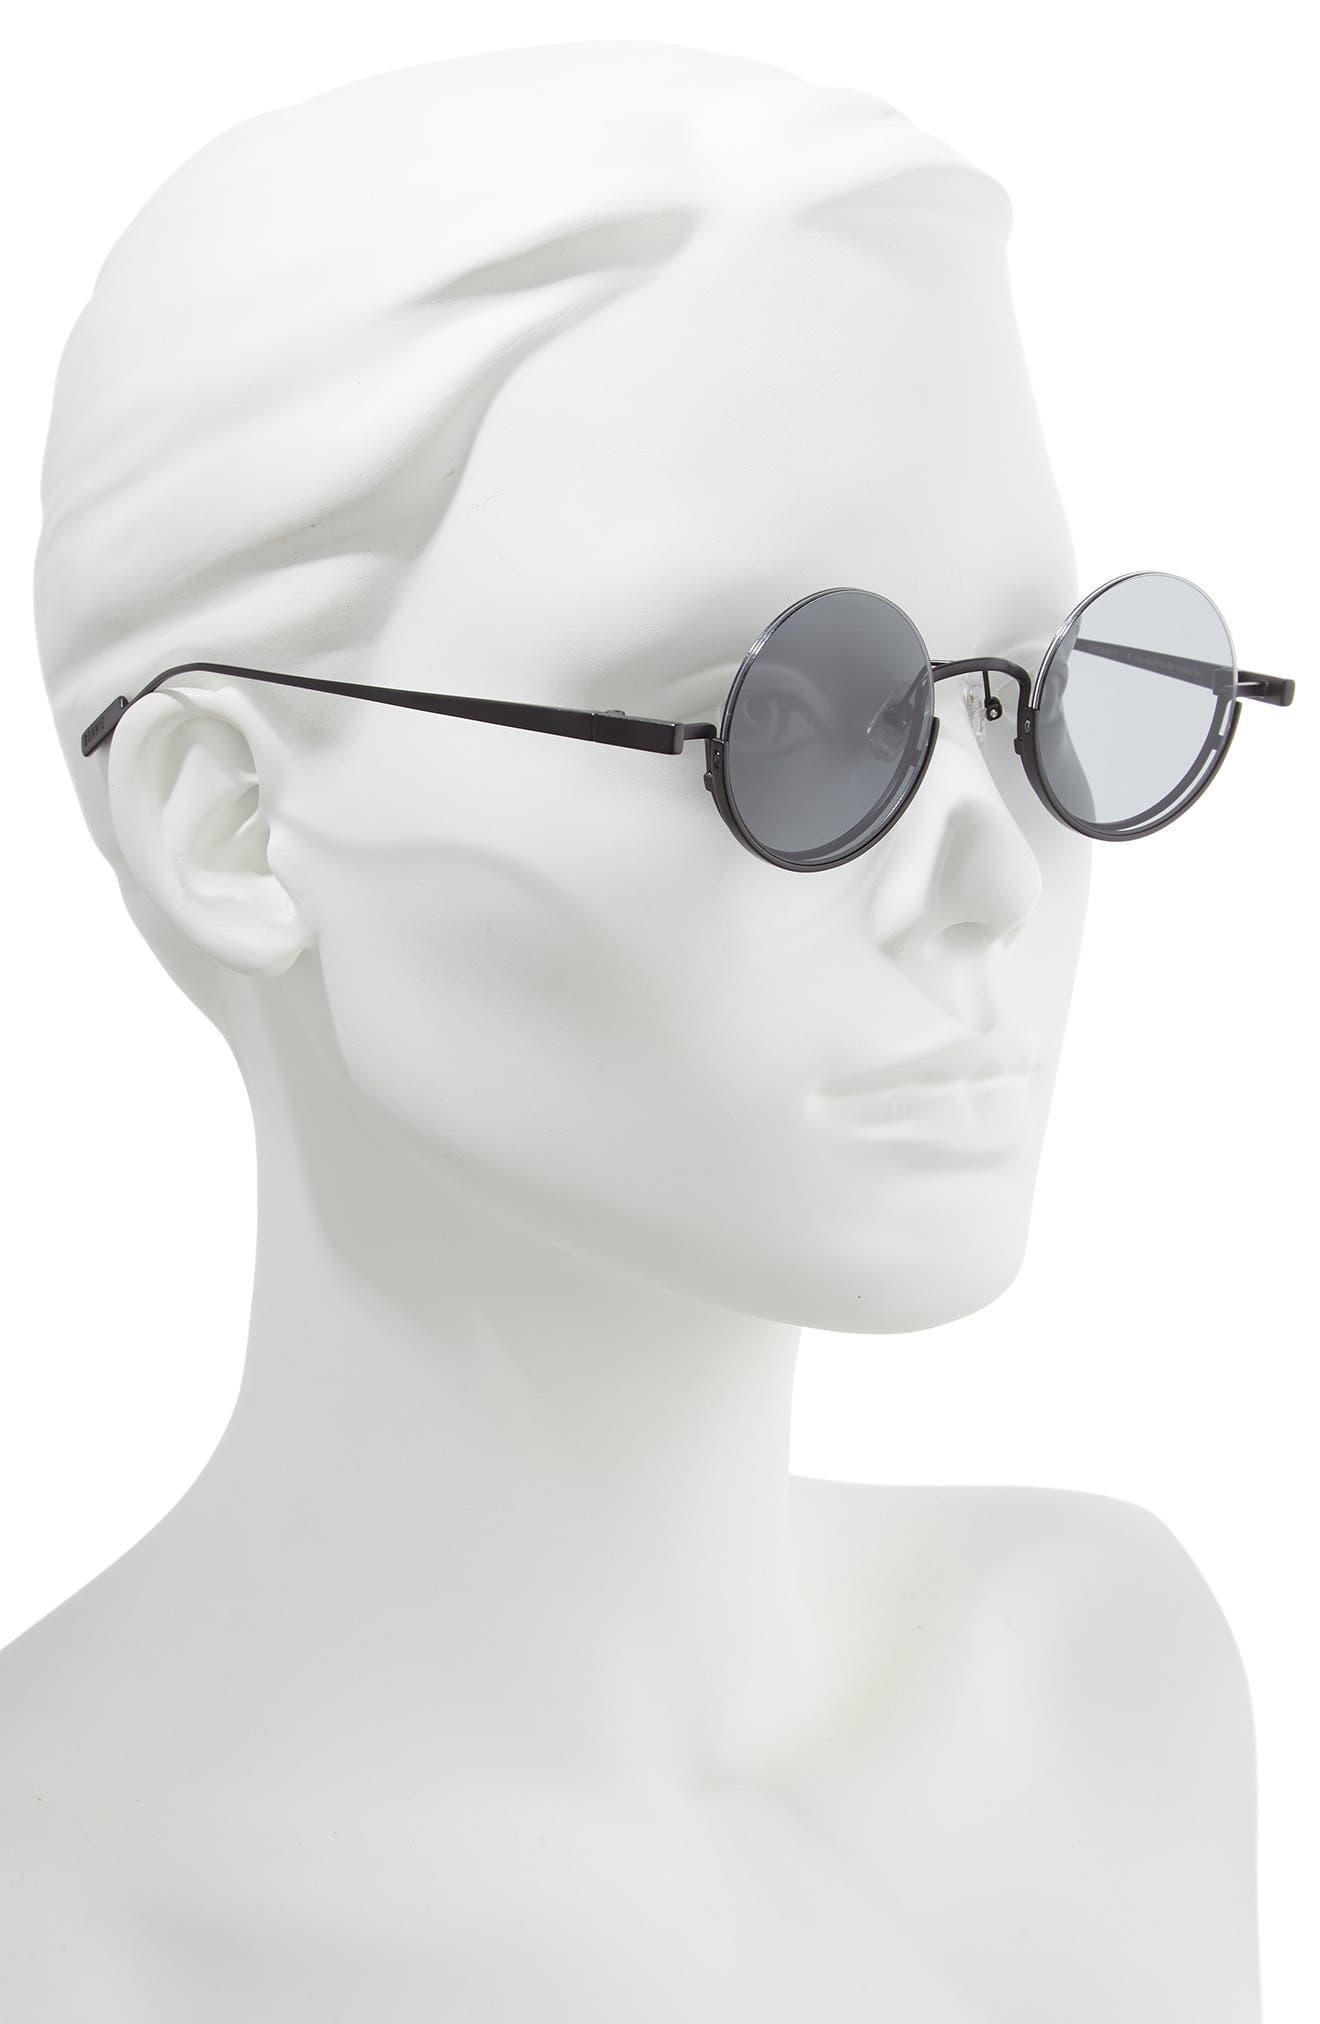 BONNIE CLYDE, Desierto 42mm Round Sunglasses, Alternate thumbnail 2, color, BLACK